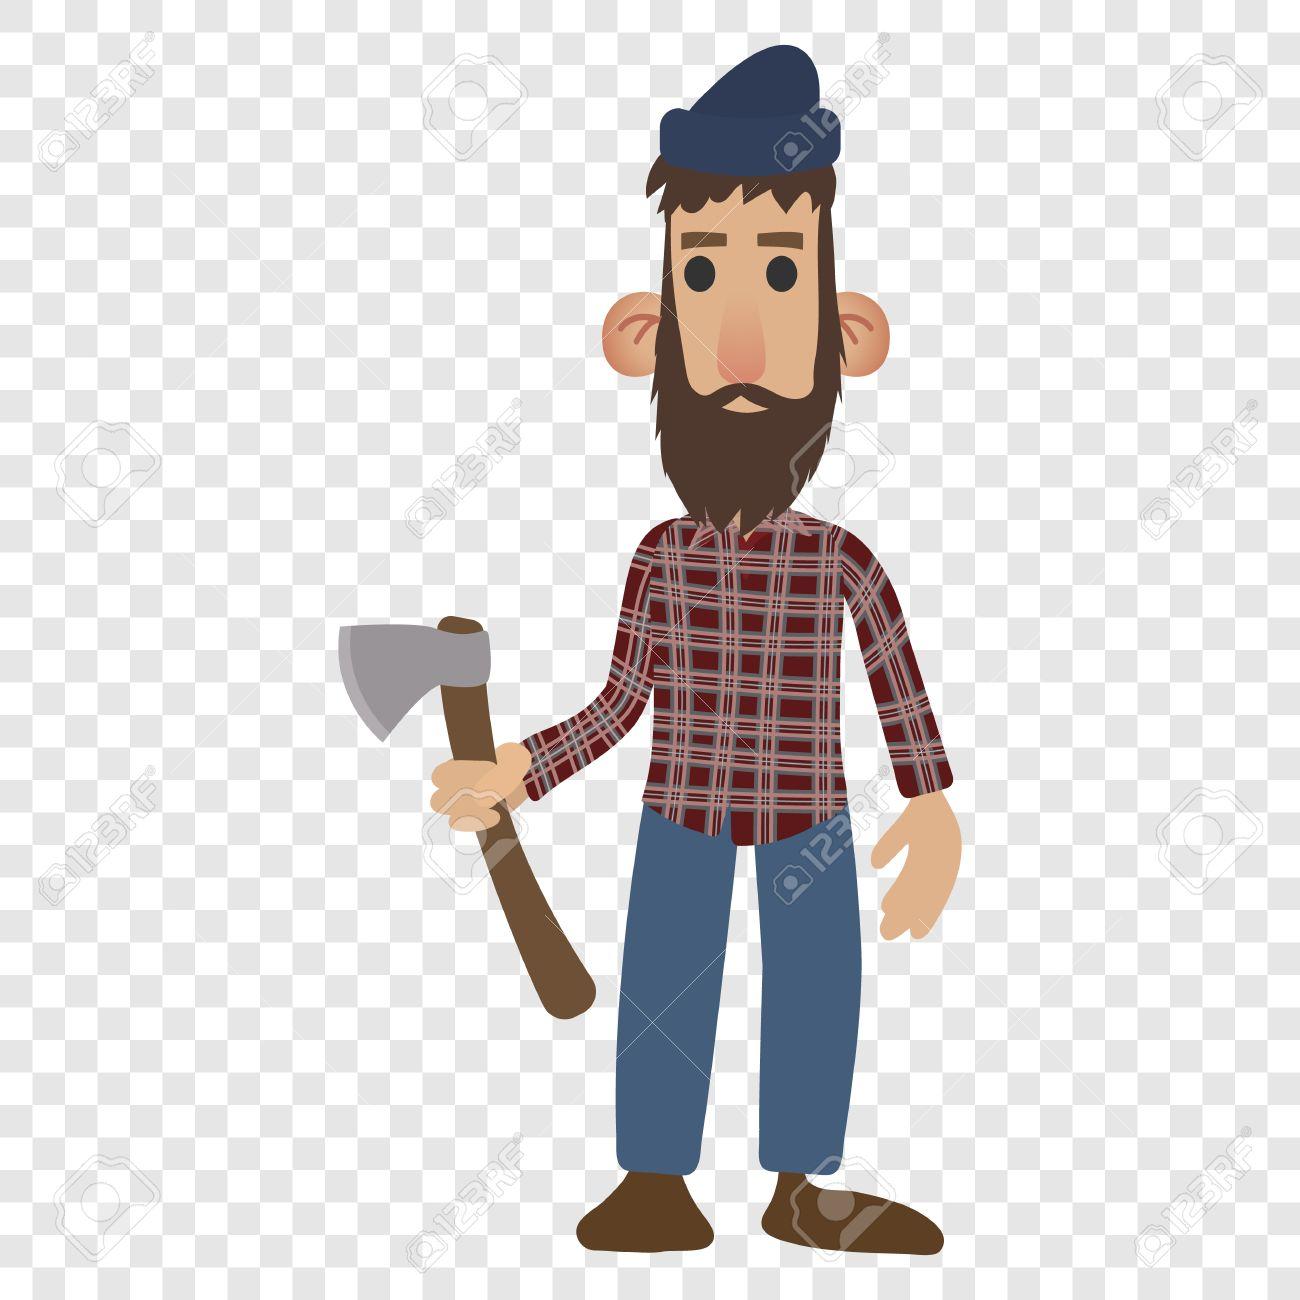 Lumberjack cartoon icon isolated on transparent background.